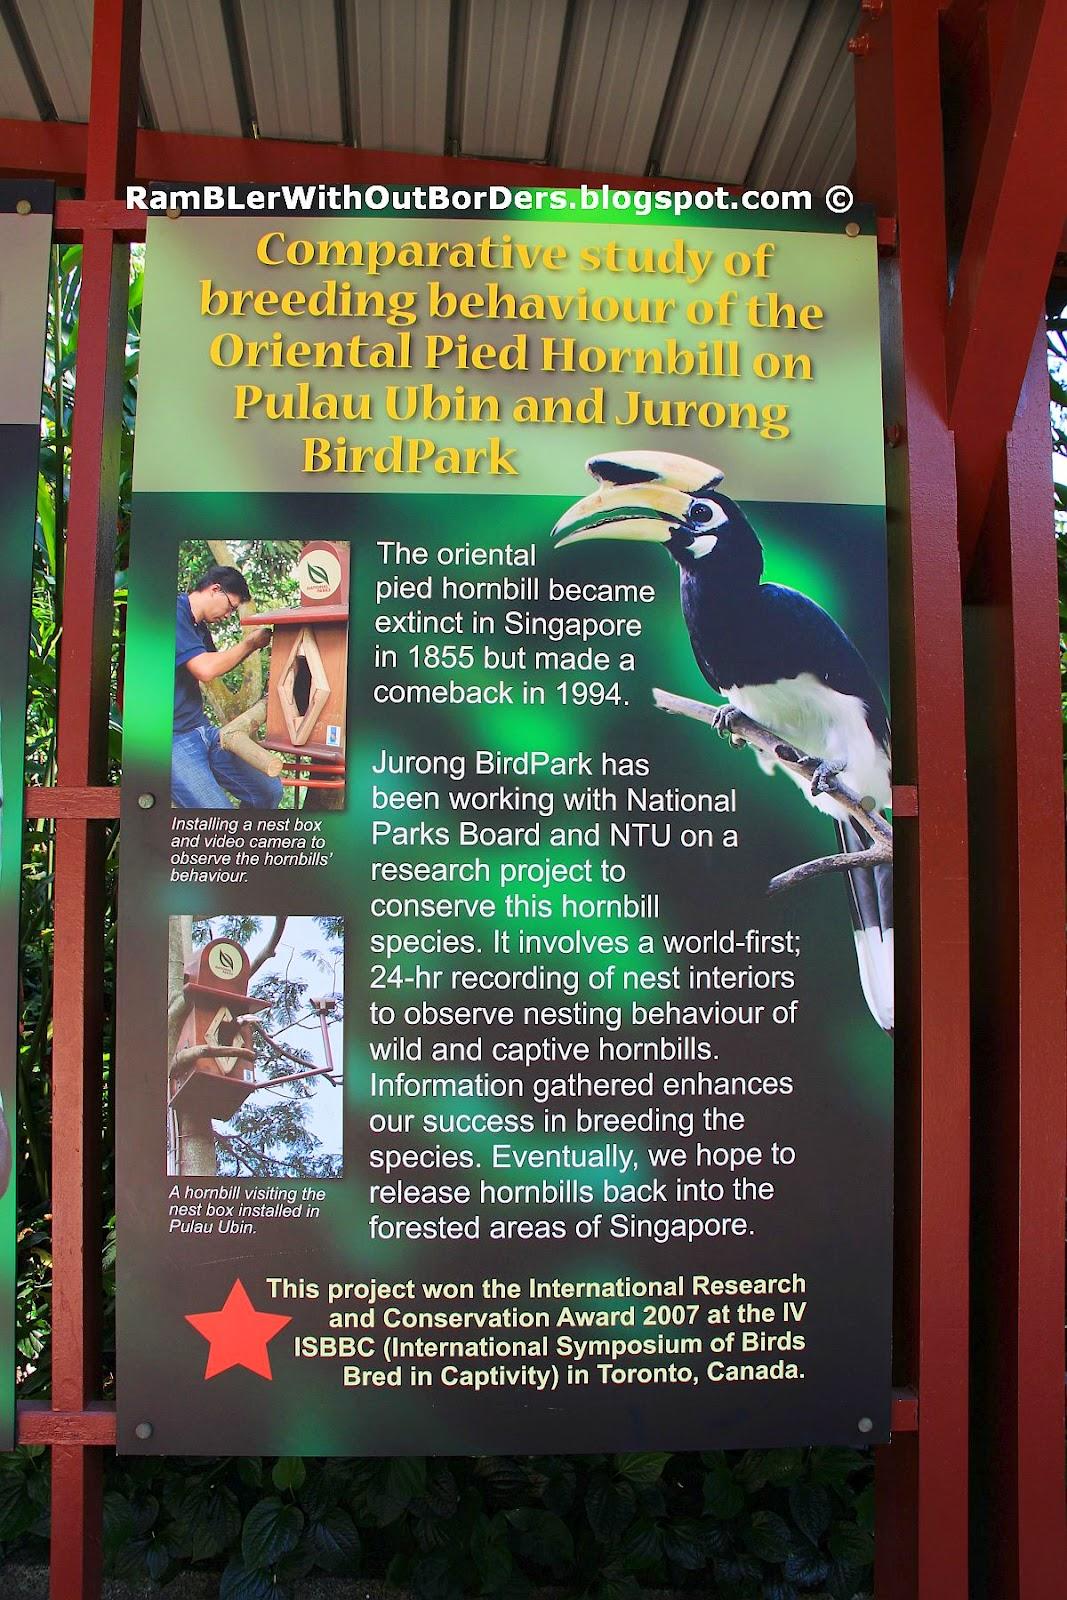 Oriental Pied Hornbill, Jurong Bird Park, Singapore